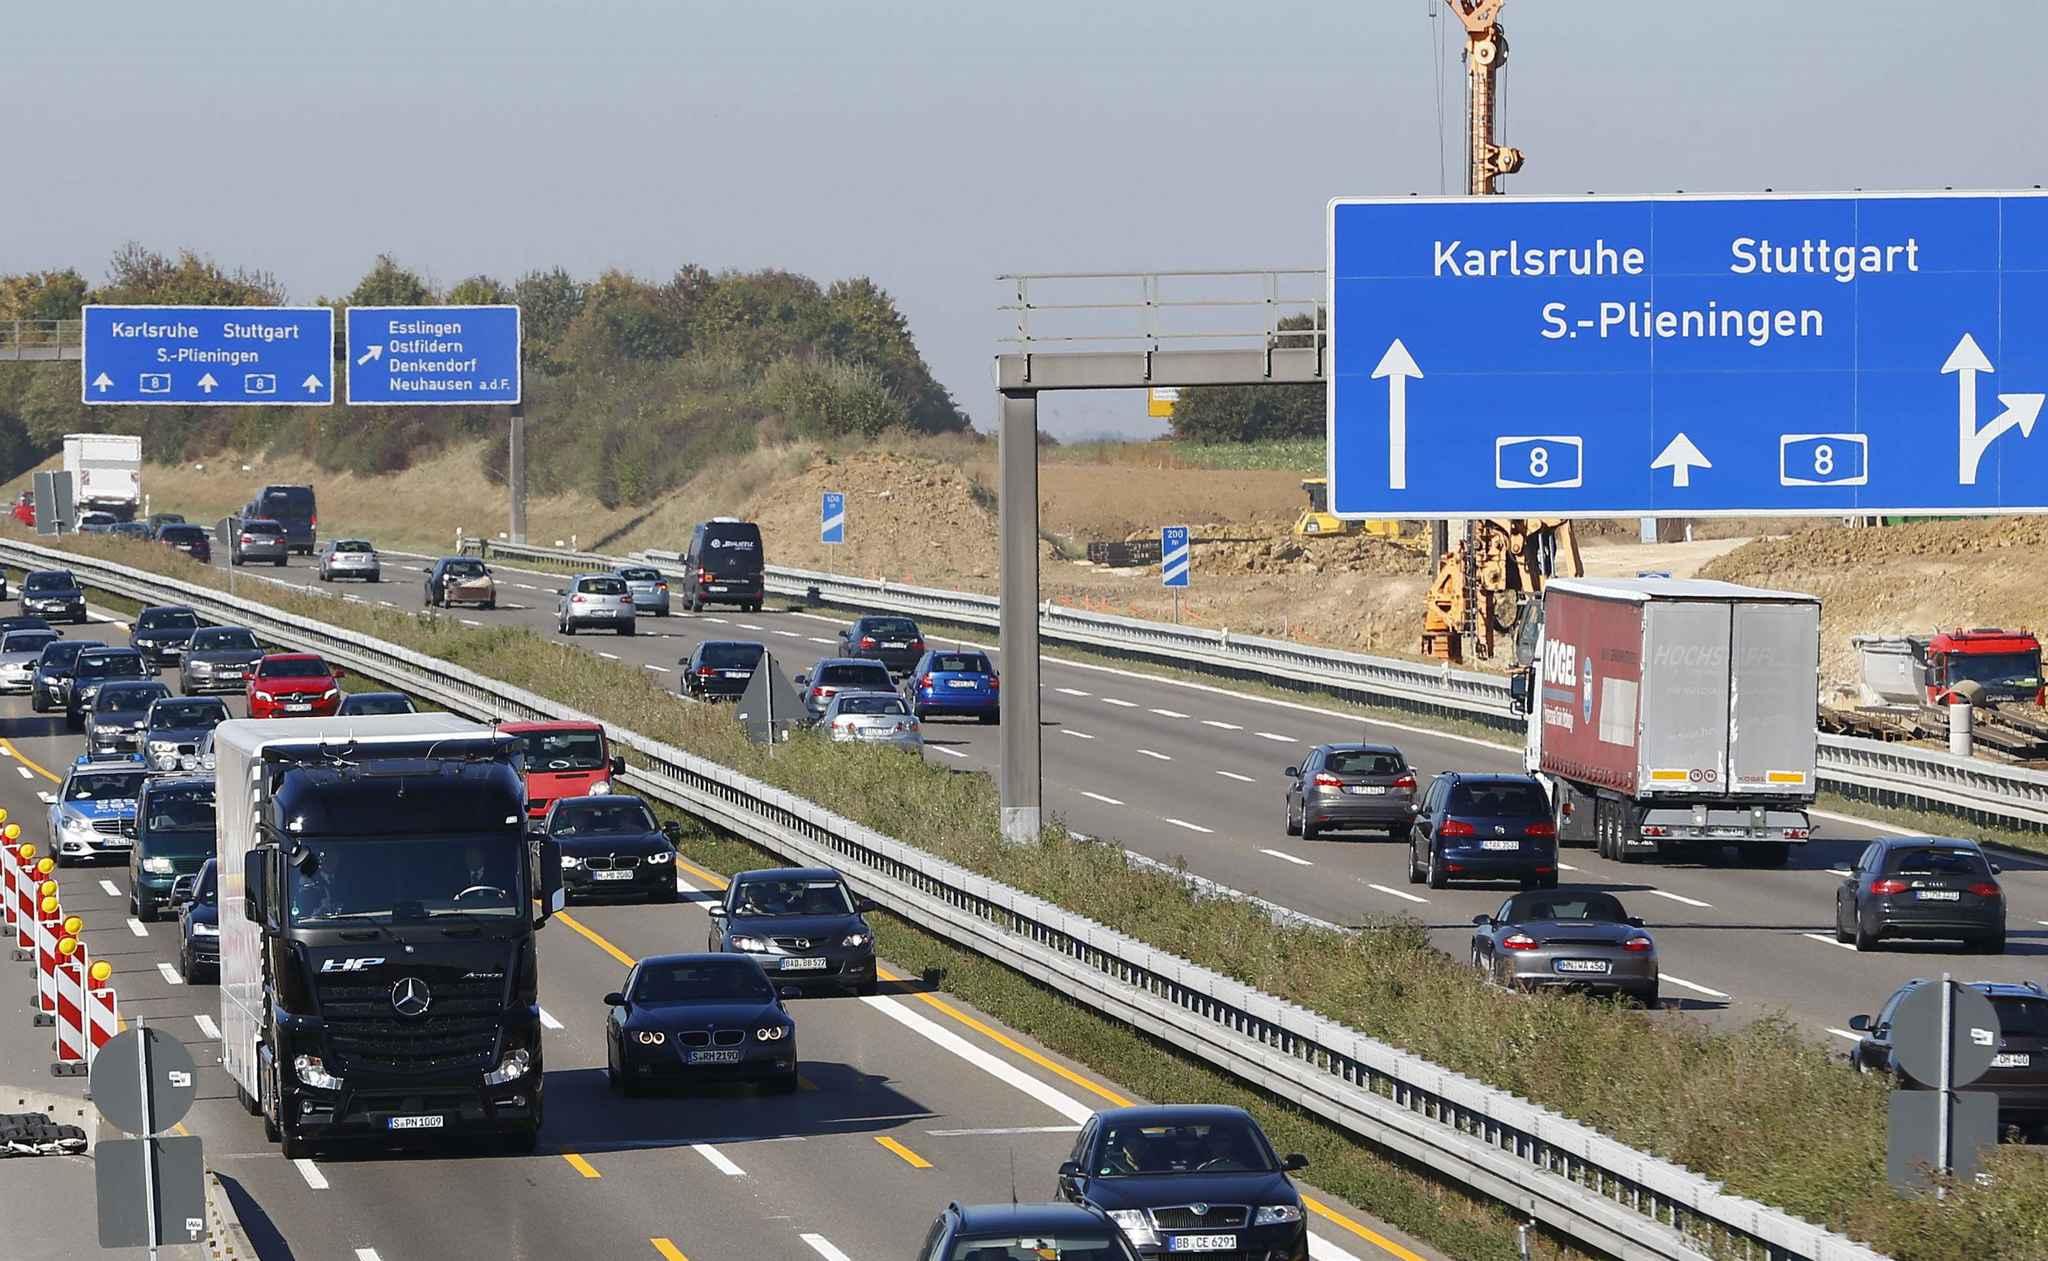 strasbourg le p age arrive sur les autoroutes allemandes comment a va se passer. Black Bedroom Furniture Sets. Home Design Ideas